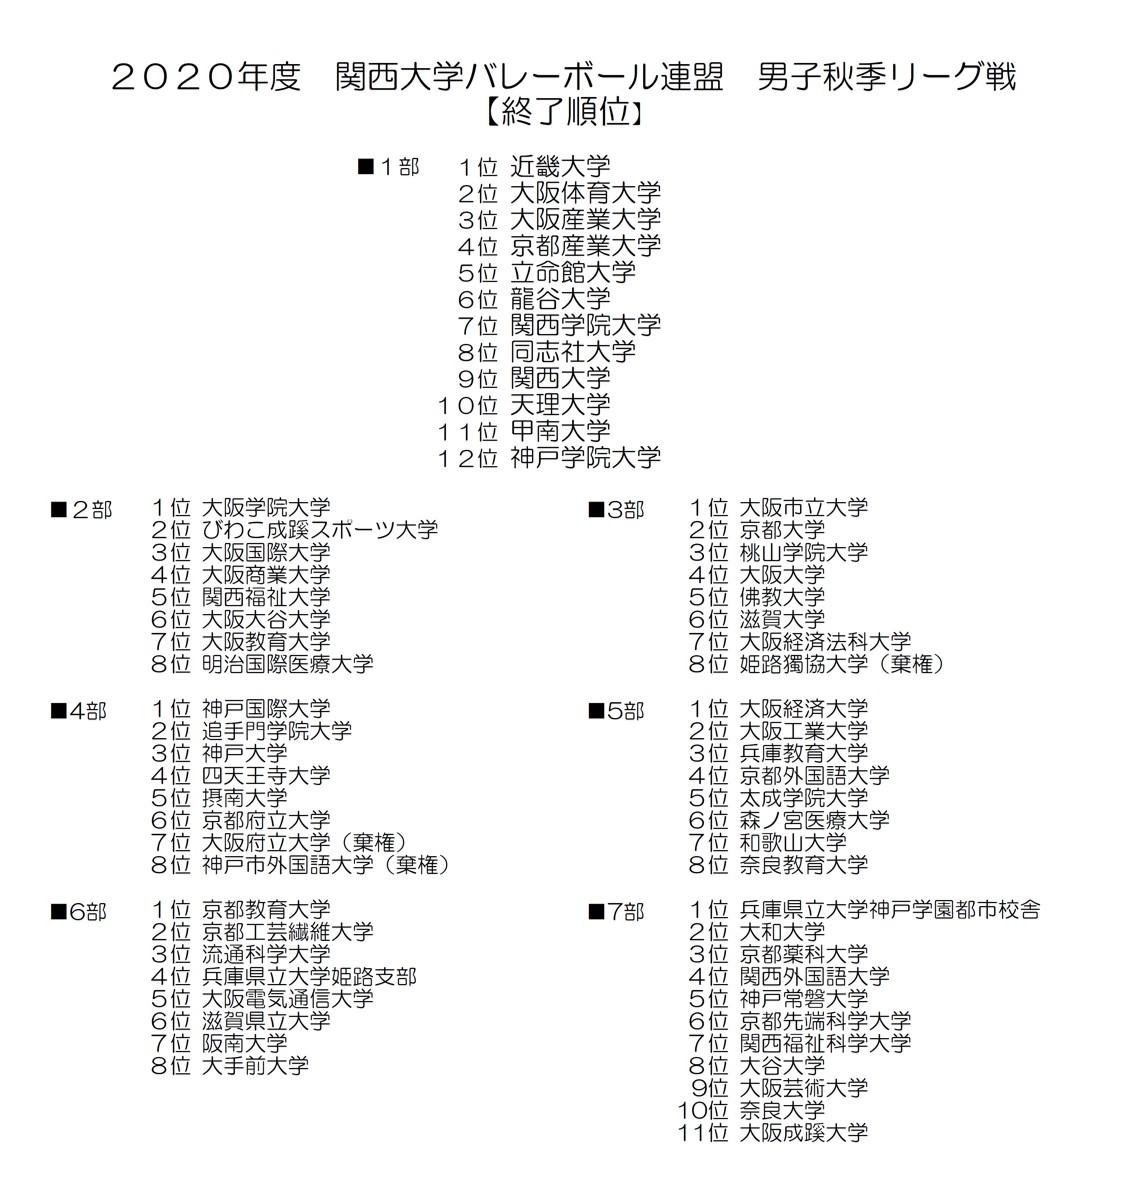 2020年度_関西大学バレーボール_秋季リーグ_男子_終了順位